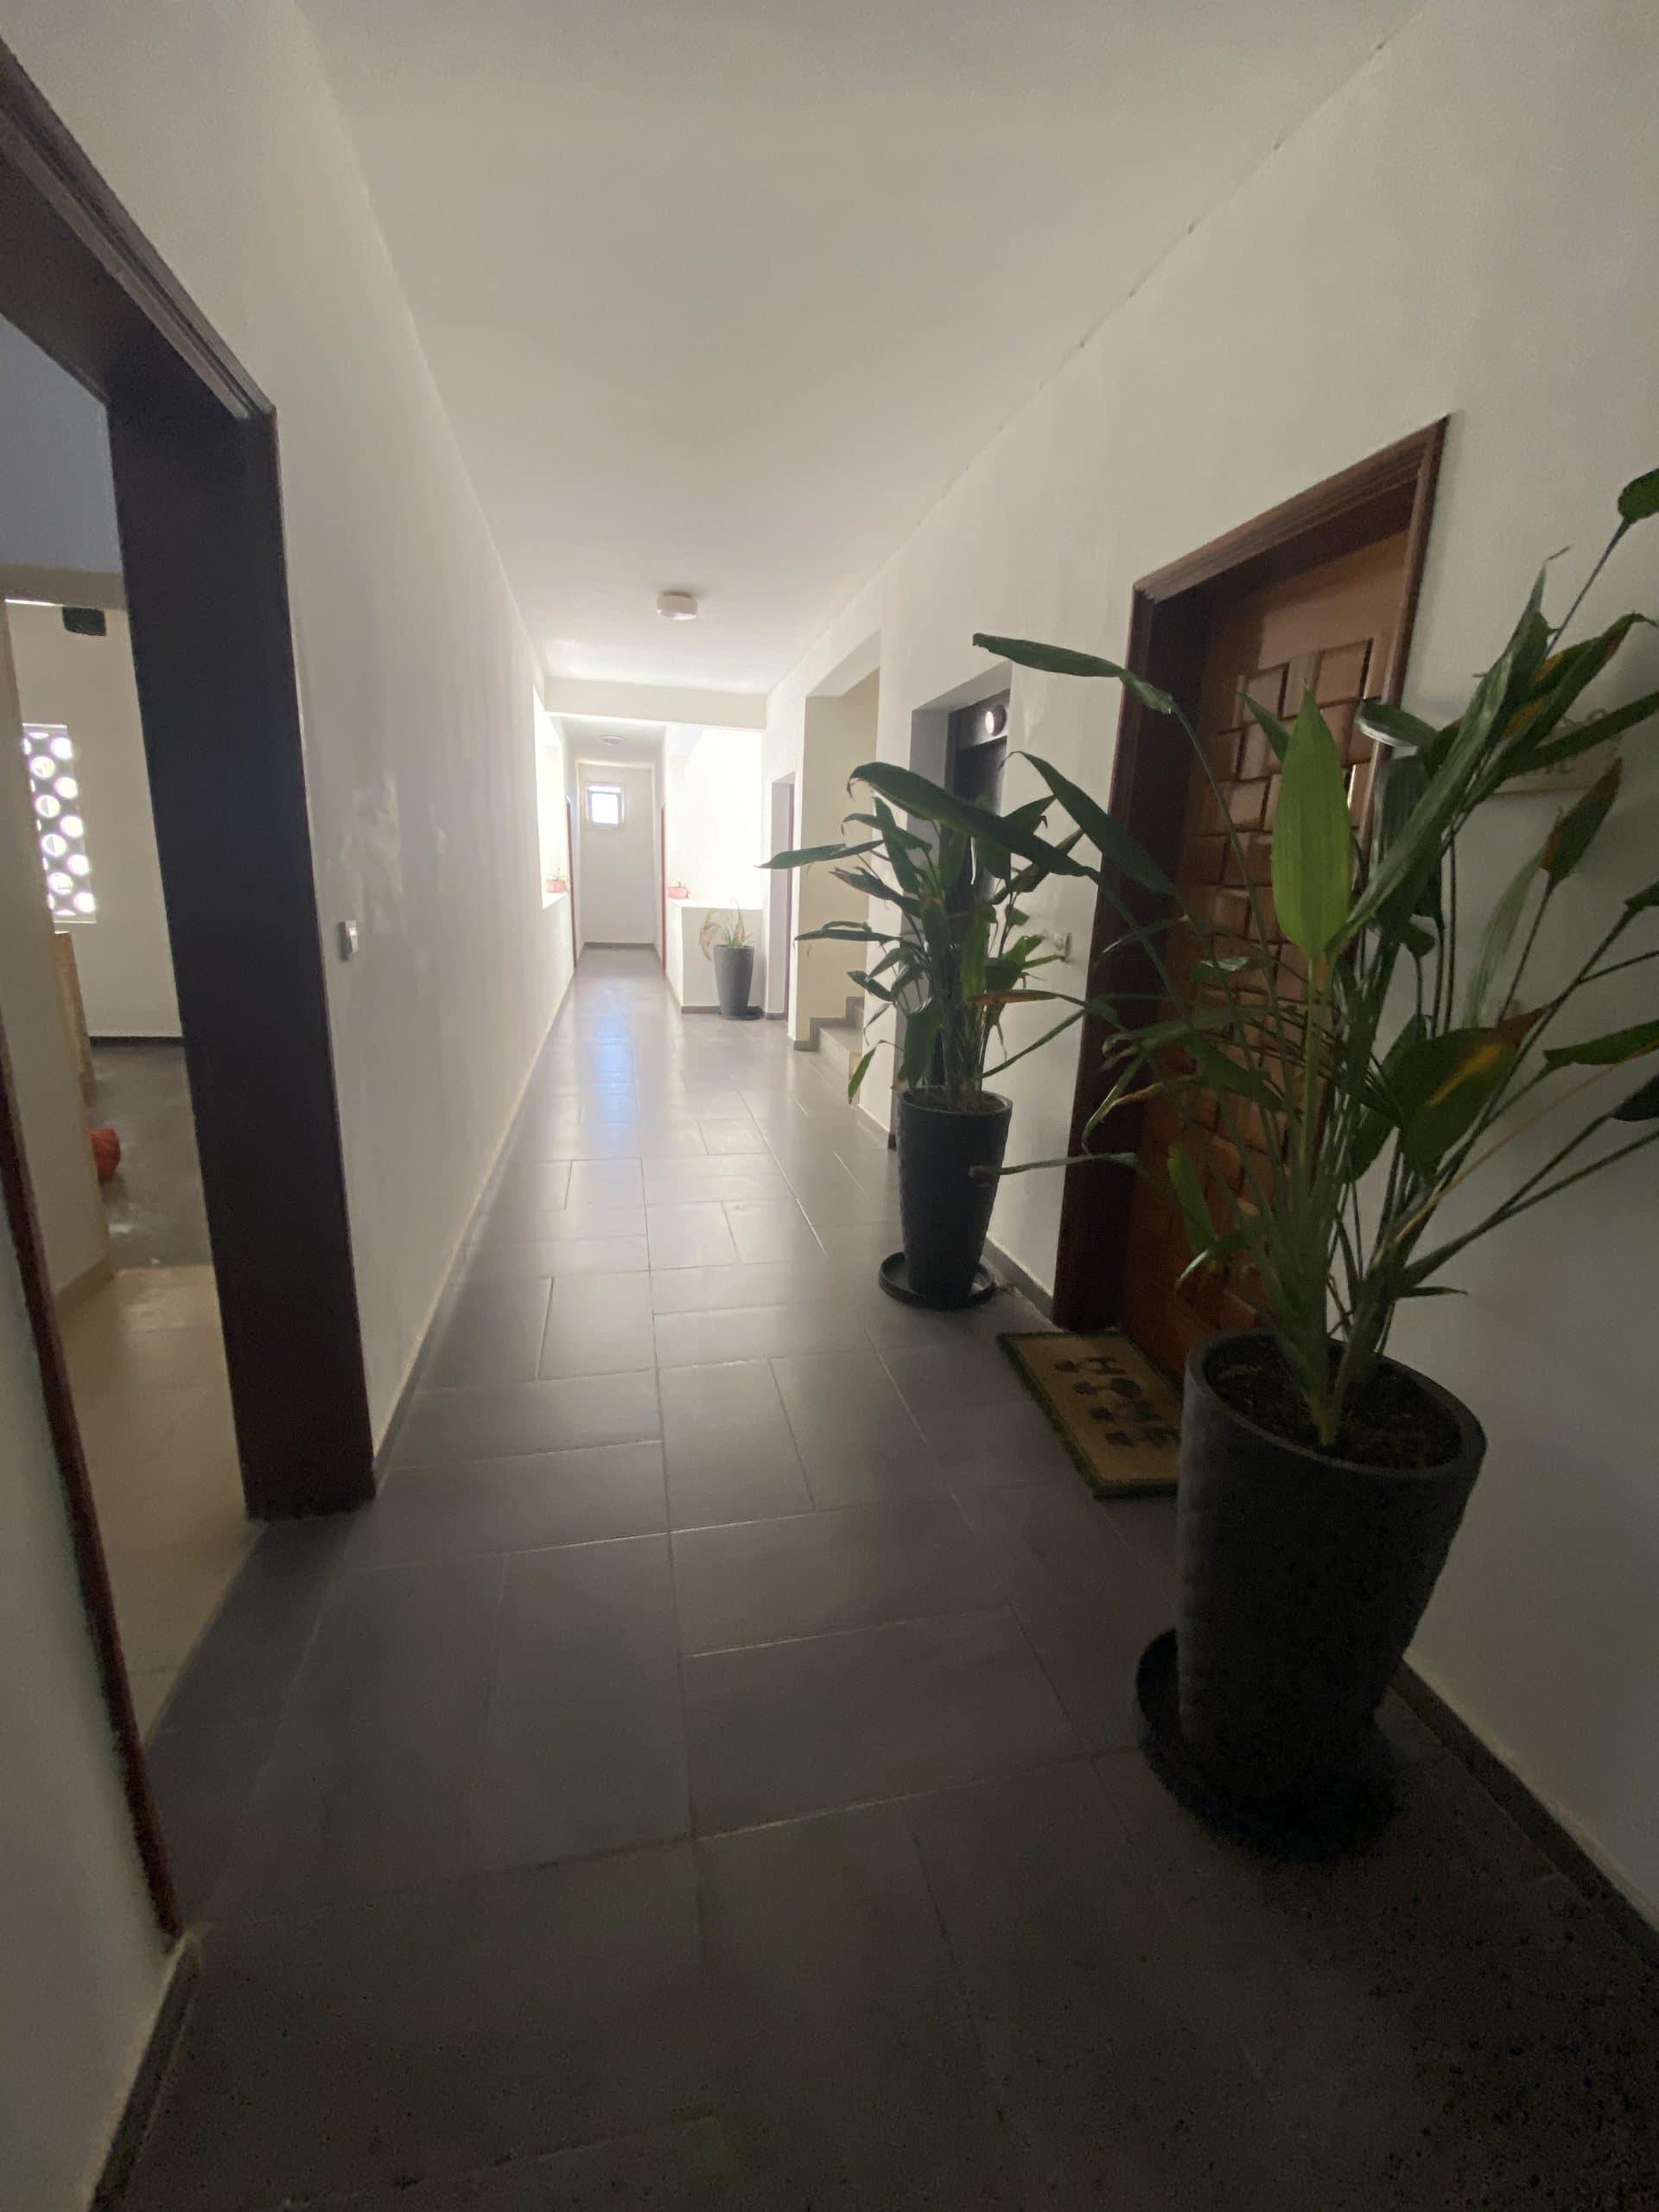 Appartement F3 spacieux à louer Liberte VI Extension